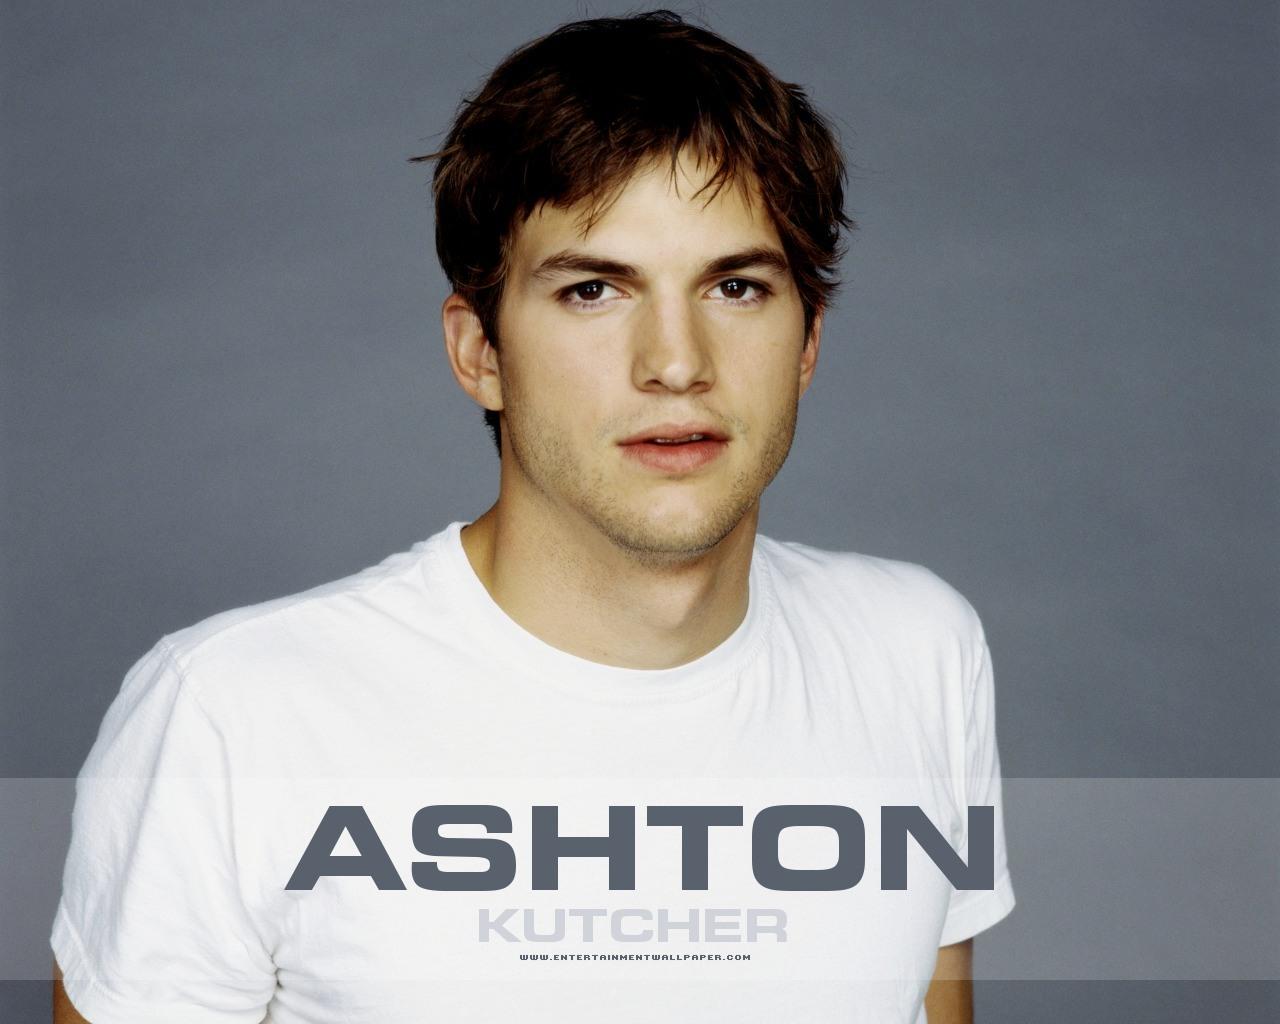 Ashton Kutcher   Ashton Kutcher Wallpaper 645111 1280x1024